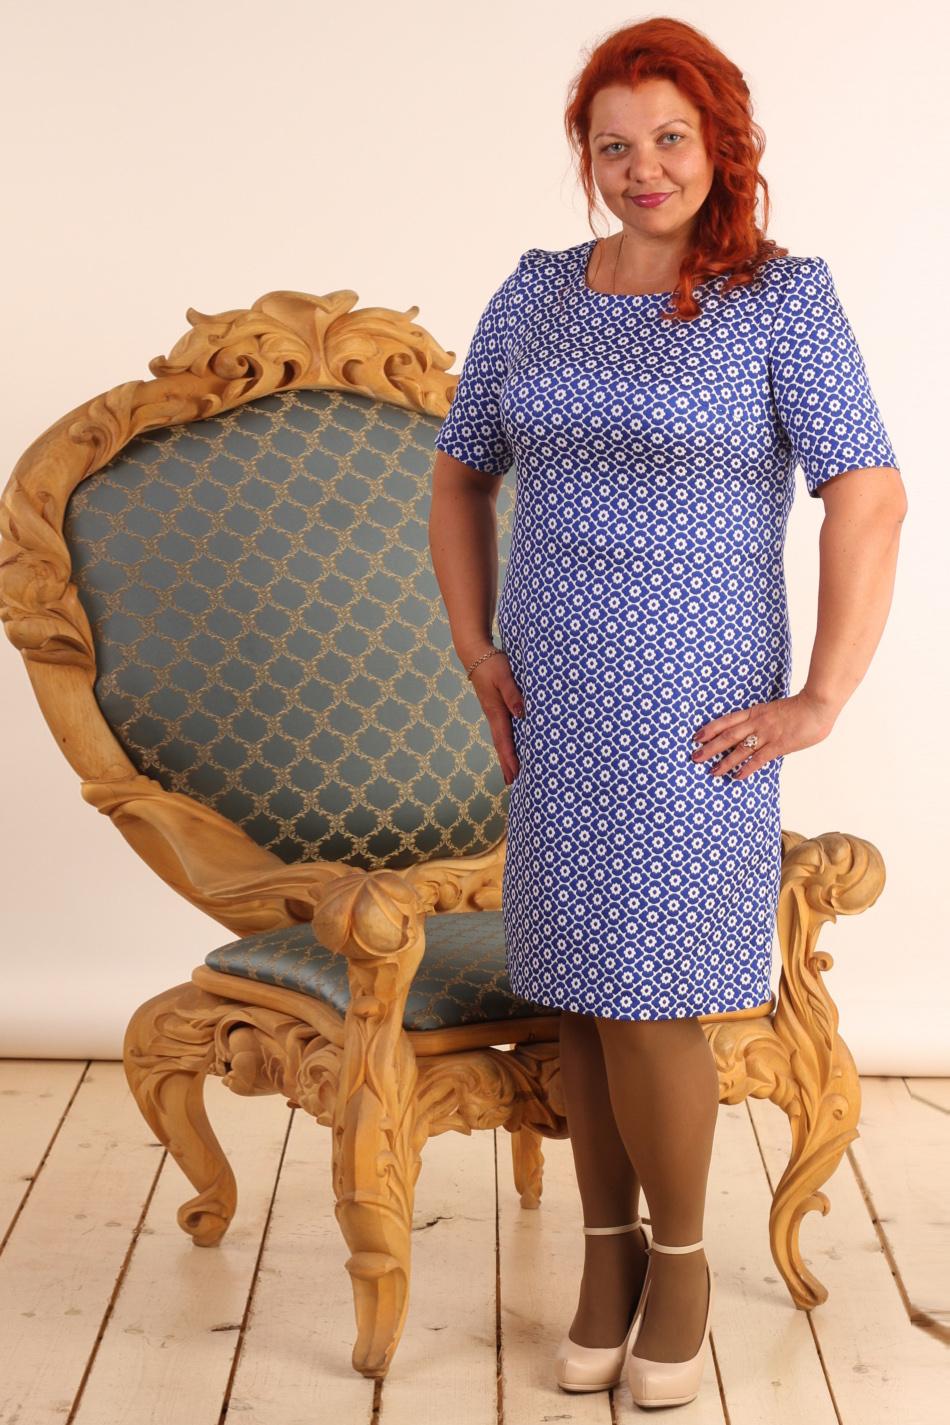 ПлатьеПлатья<br>Милое платье с круглой горловиной и рукавами 3/4. Модель выполнена из фактурного материала. Отличный выбор для любого случая.  В изделии использованы цвета: синий, белый  Длина изделия: 46 размер - 89 см 48 размер - 90 см 50 размер - 91 см 52 размер - 92 см 54 размер - 93 см 56 размер - 94 см  Рост девушки-фотомодели 165 см.<br><br>Горловина: С- горловина<br>По длине: Ниже колена<br>По материалу: Жаккард<br>По рисунку: Растительные мотивы,С принтом,Фактурный рисунок,Цветные,Цветочные<br>По сезону: Всесезон,Зима,Лето,Осень,Весна<br>По силуэту: Полуприталенные<br>По стилю: Повседневный стиль<br>По элементам: С пуговицами<br>Рукав: До локтя,Короткий рукав<br>Размер : 46,48,52,56<br>Материал: Жаккард<br>Количество в наличии: 4